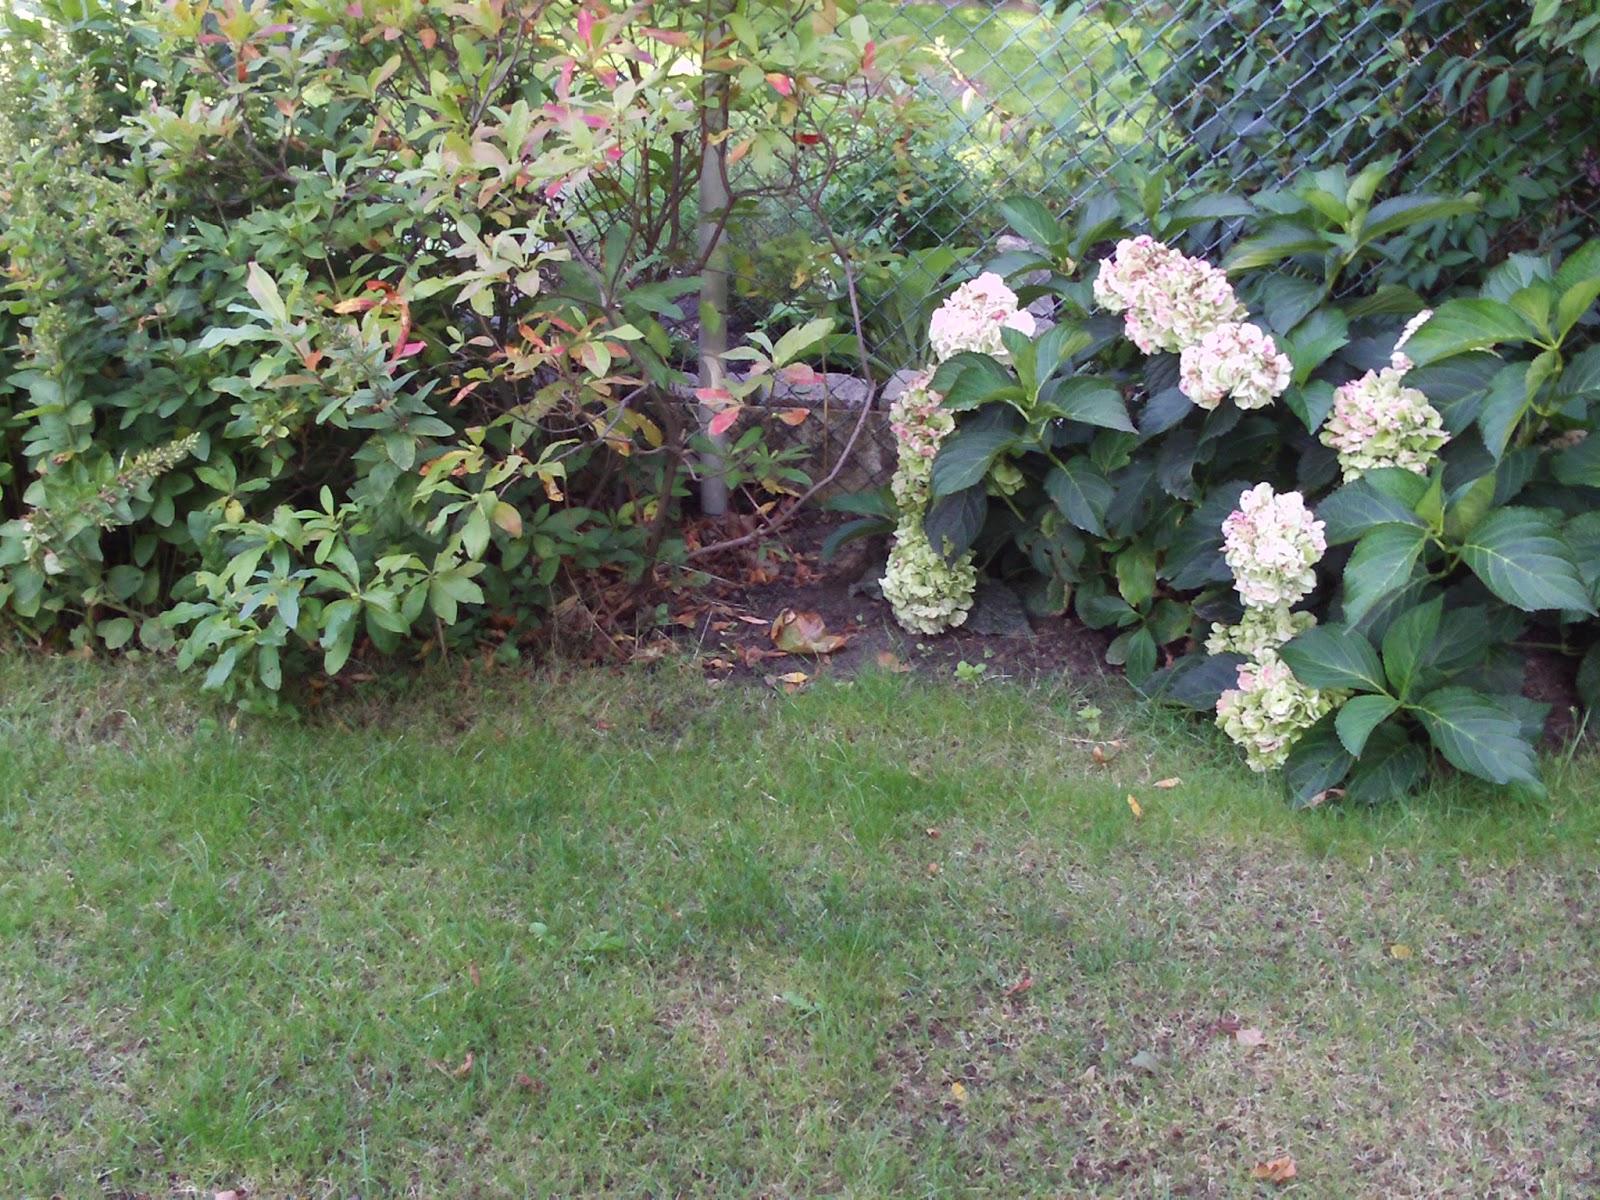 wann schneide ich hortensien lavendula schneiden im august doovi wann schneide ich meine. Black Bedroom Furniture Sets. Home Design Ideas